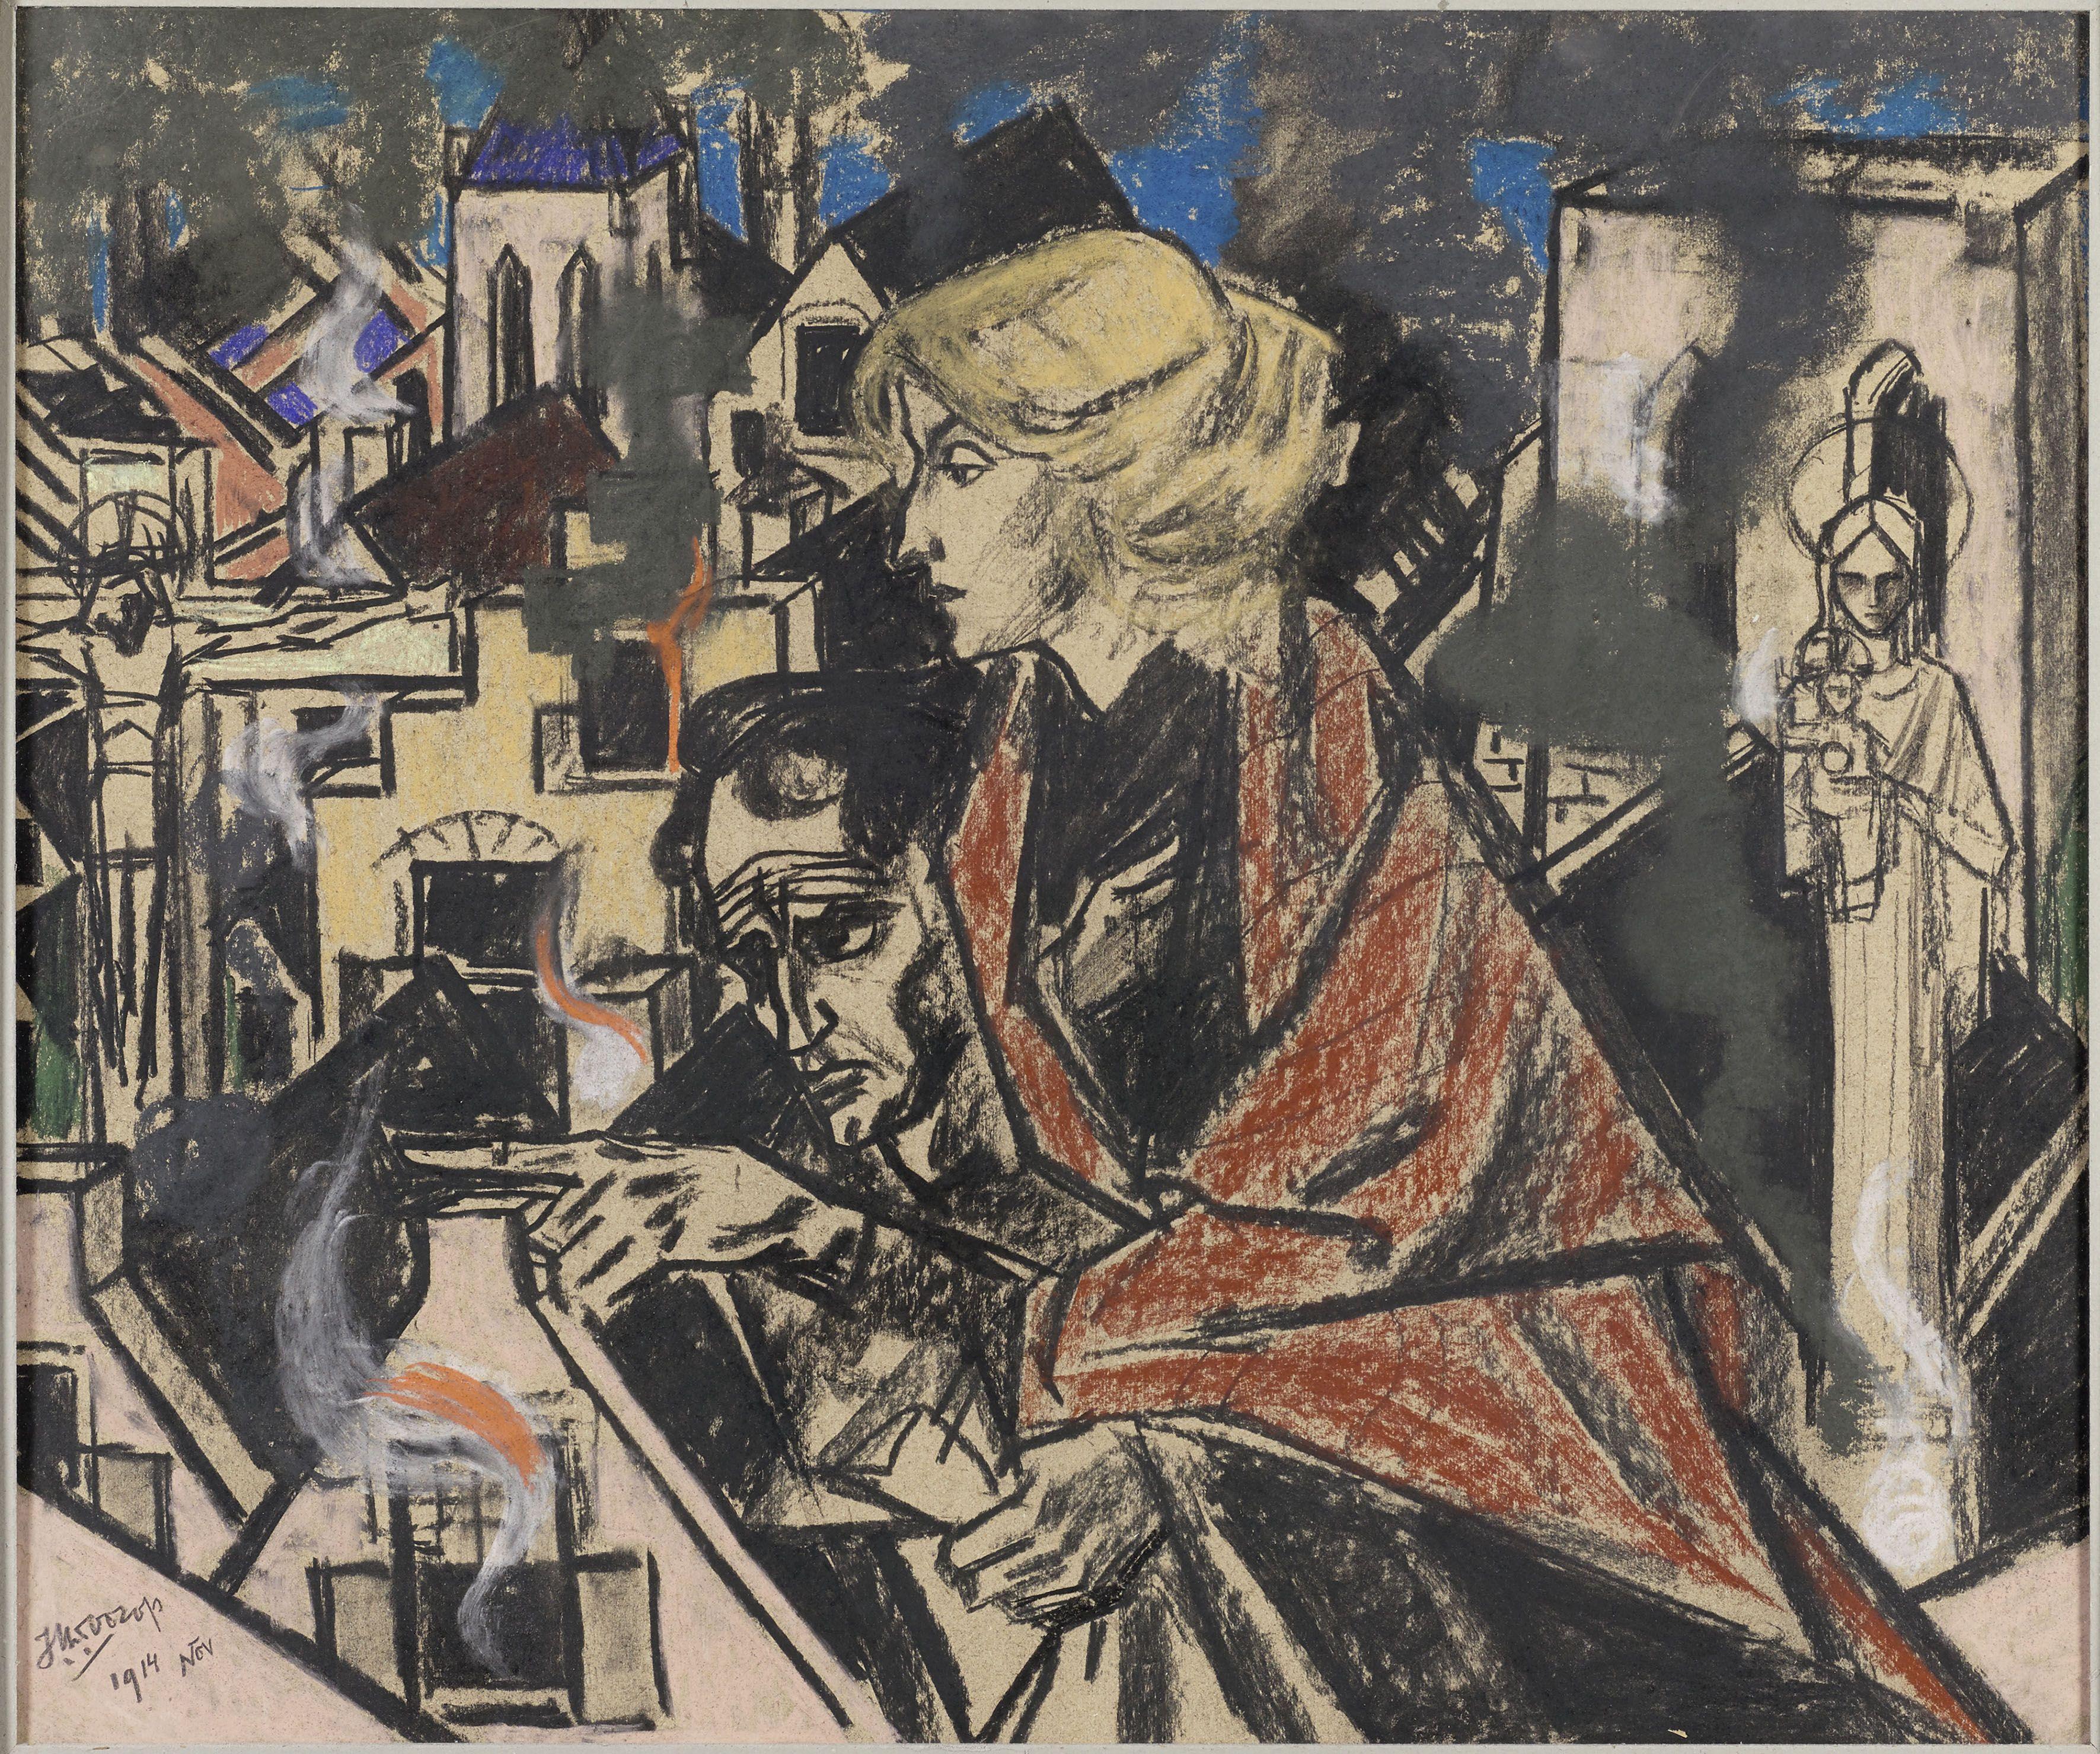 Jan Toorop (1858-1928), La Belgique Sanglante, 1914, Pastel, krijt op papier